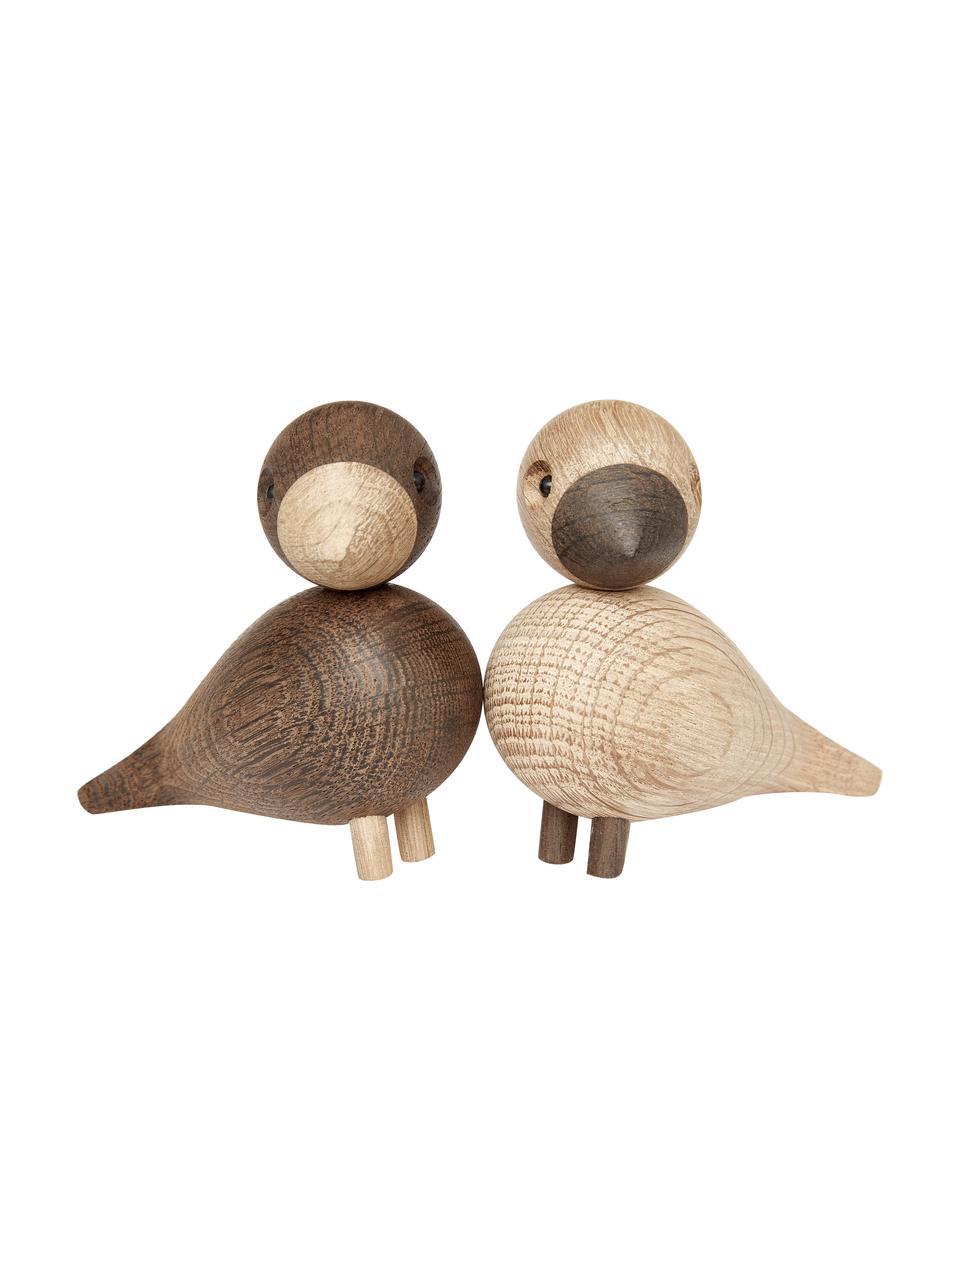 Komplet dekoracji Lovebirds, 2 elem., Drewno dębowe, lakierowane, Jasny brązowy, ciemnybrązowy, S 9 x W 9 cm